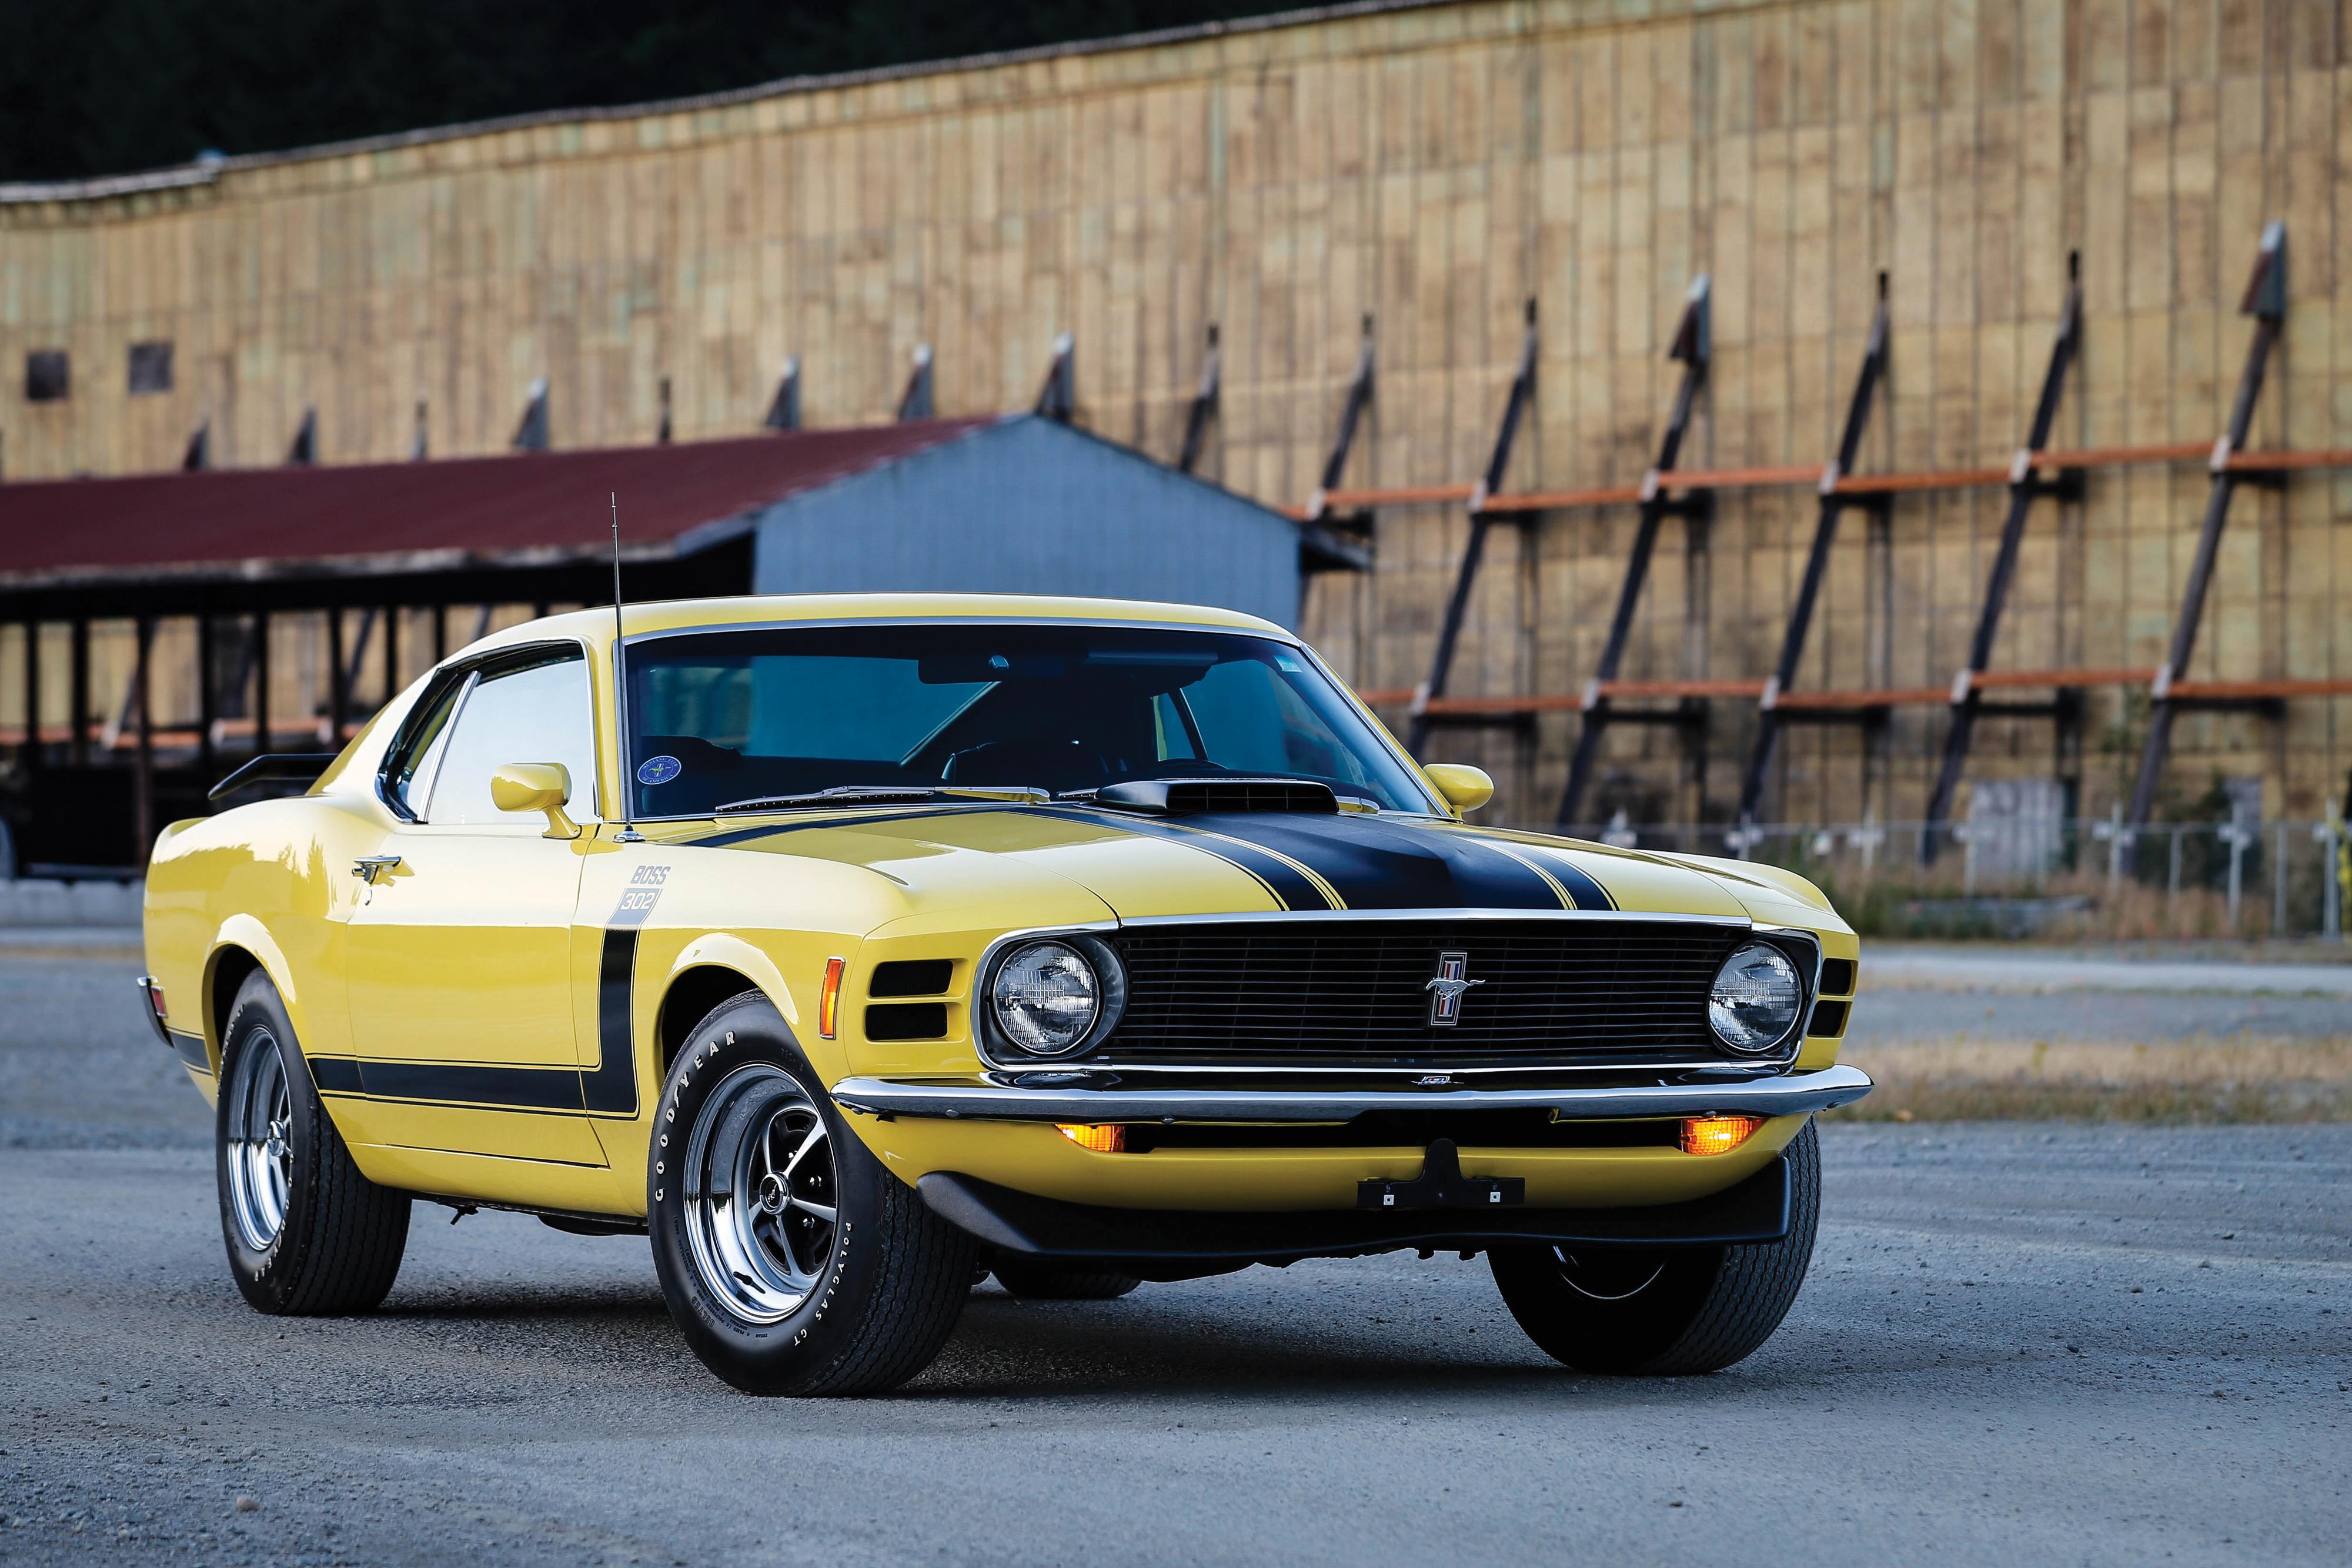 105800 Заставки и Обои Мустанг (Mustang) на телефон. Скачать Мустанг (Mustang), Форд (Ford), Тачки (Cars), Вид Сбоку, Желтый, 1970, Boss 302 картинки бесплатно